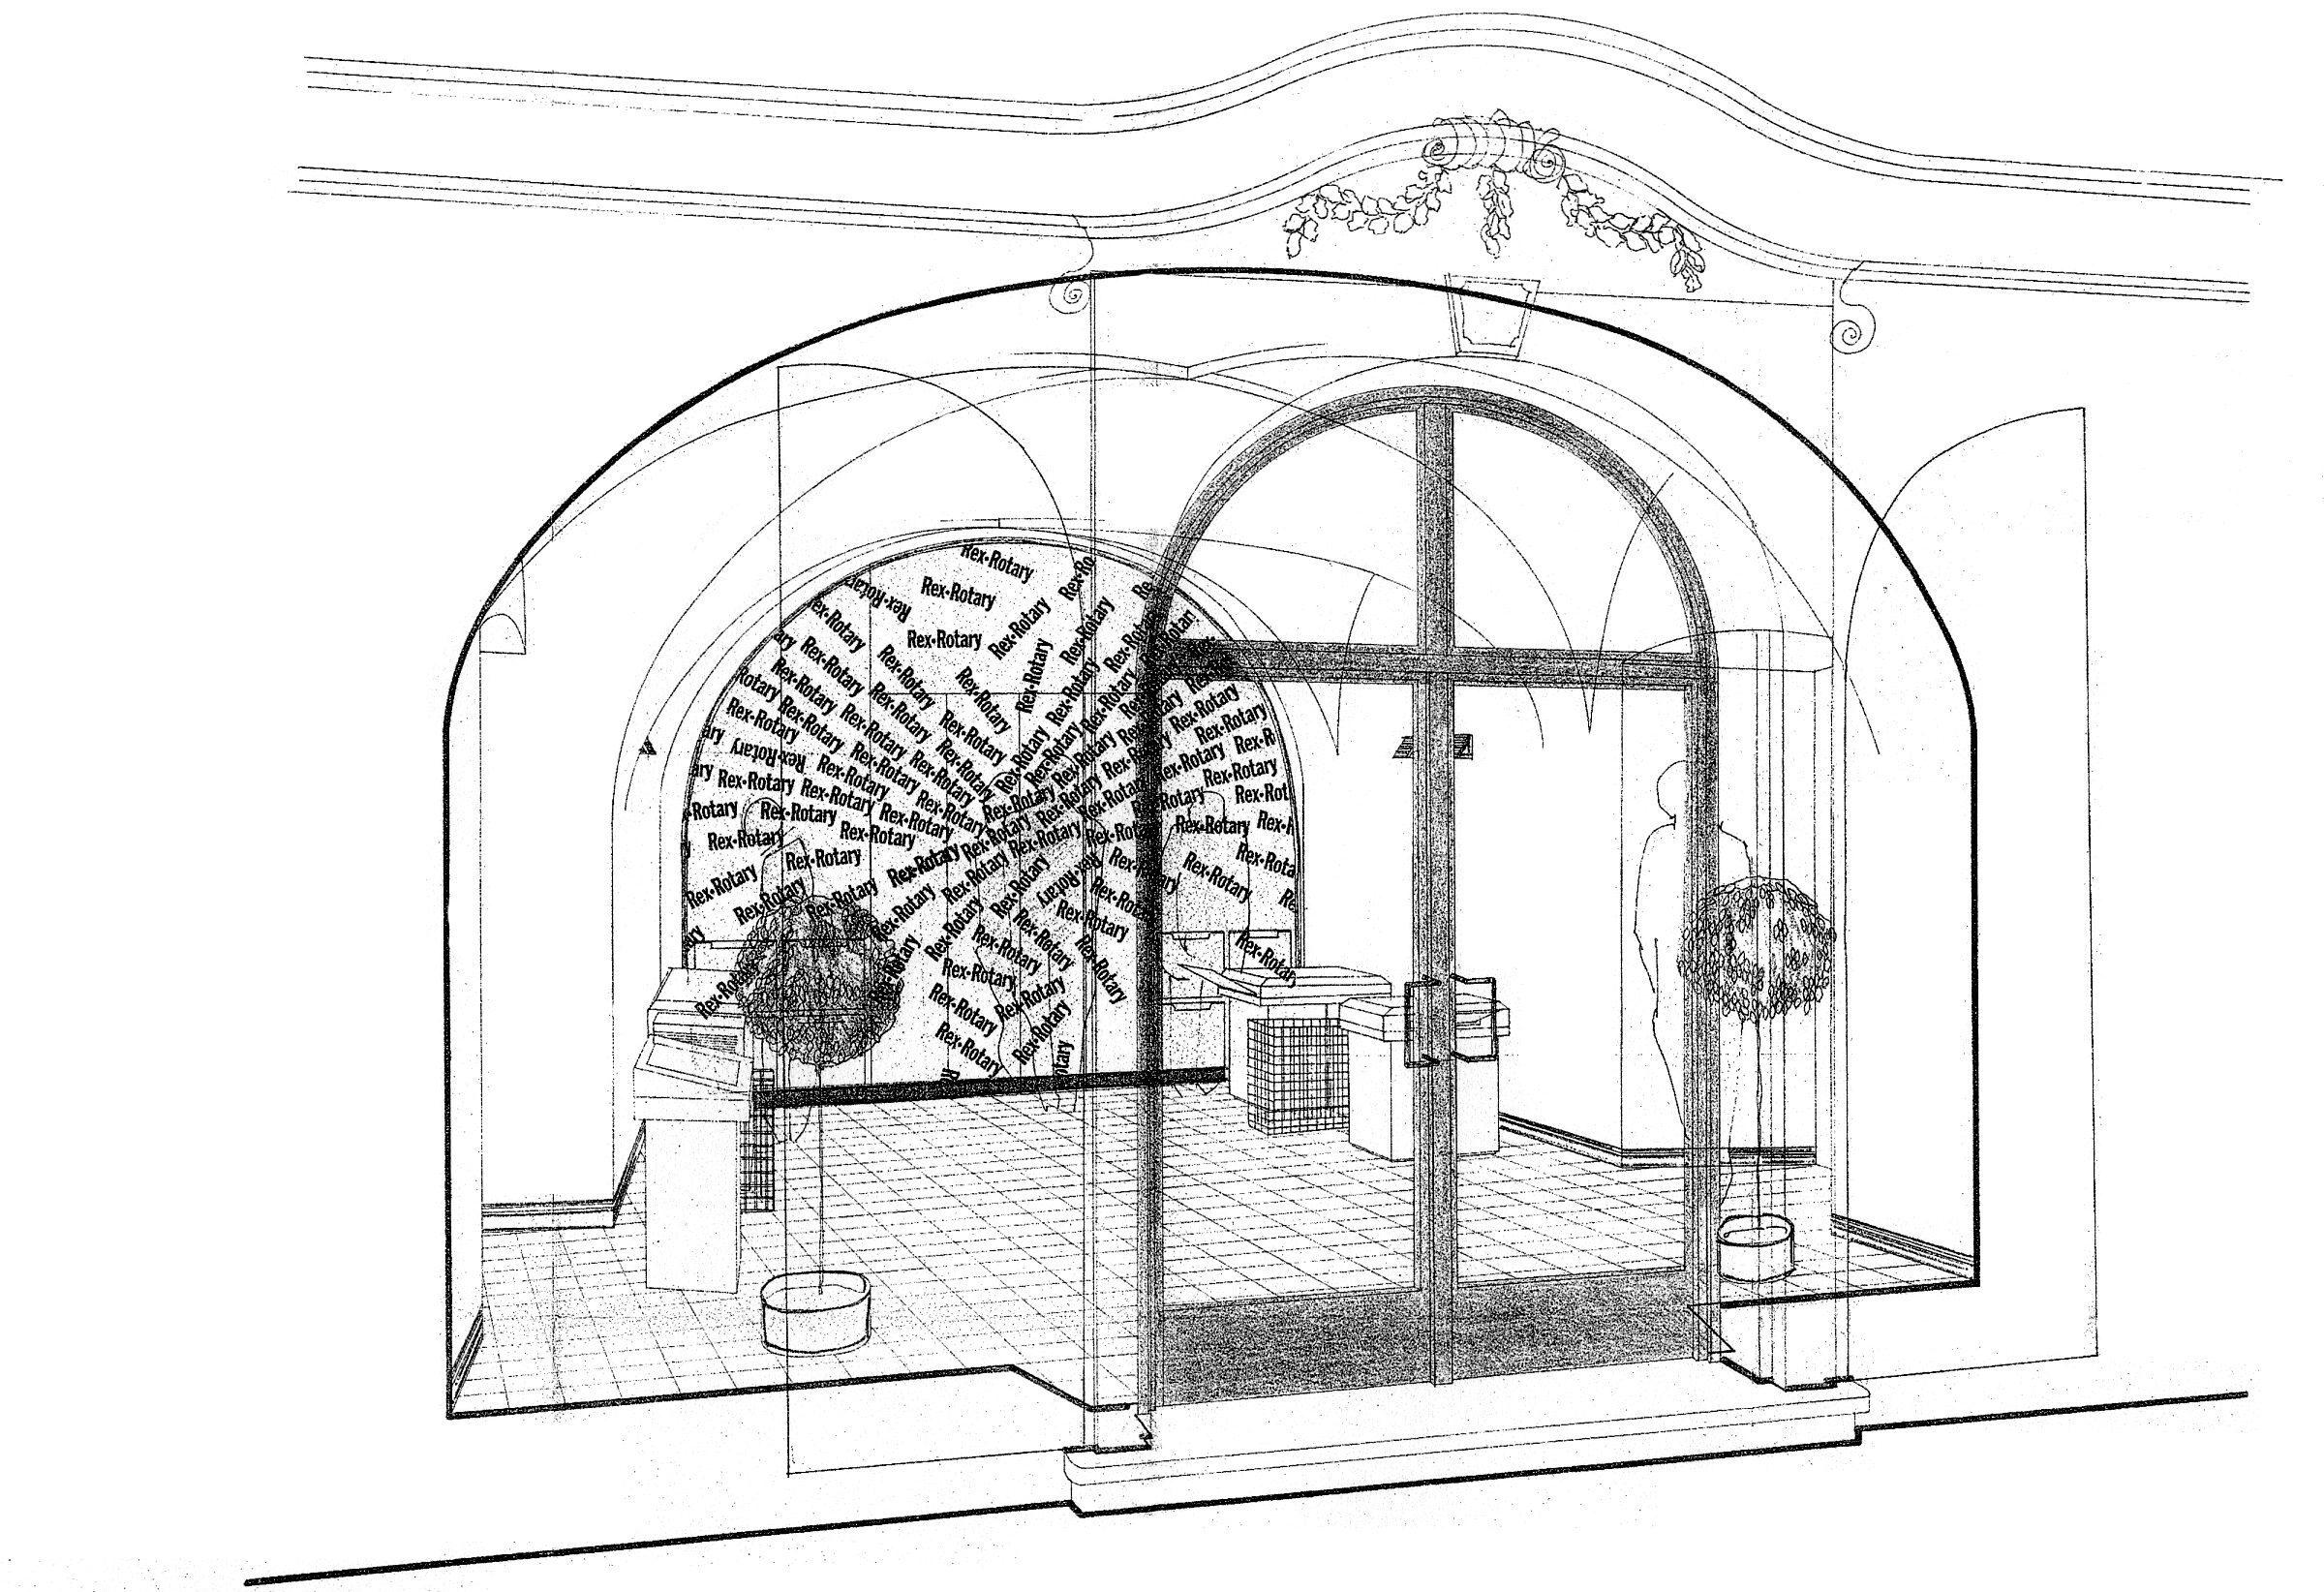 Axonometrie interiéru technicko-poradenského střediska firmy Rex Rotary, Praha 1